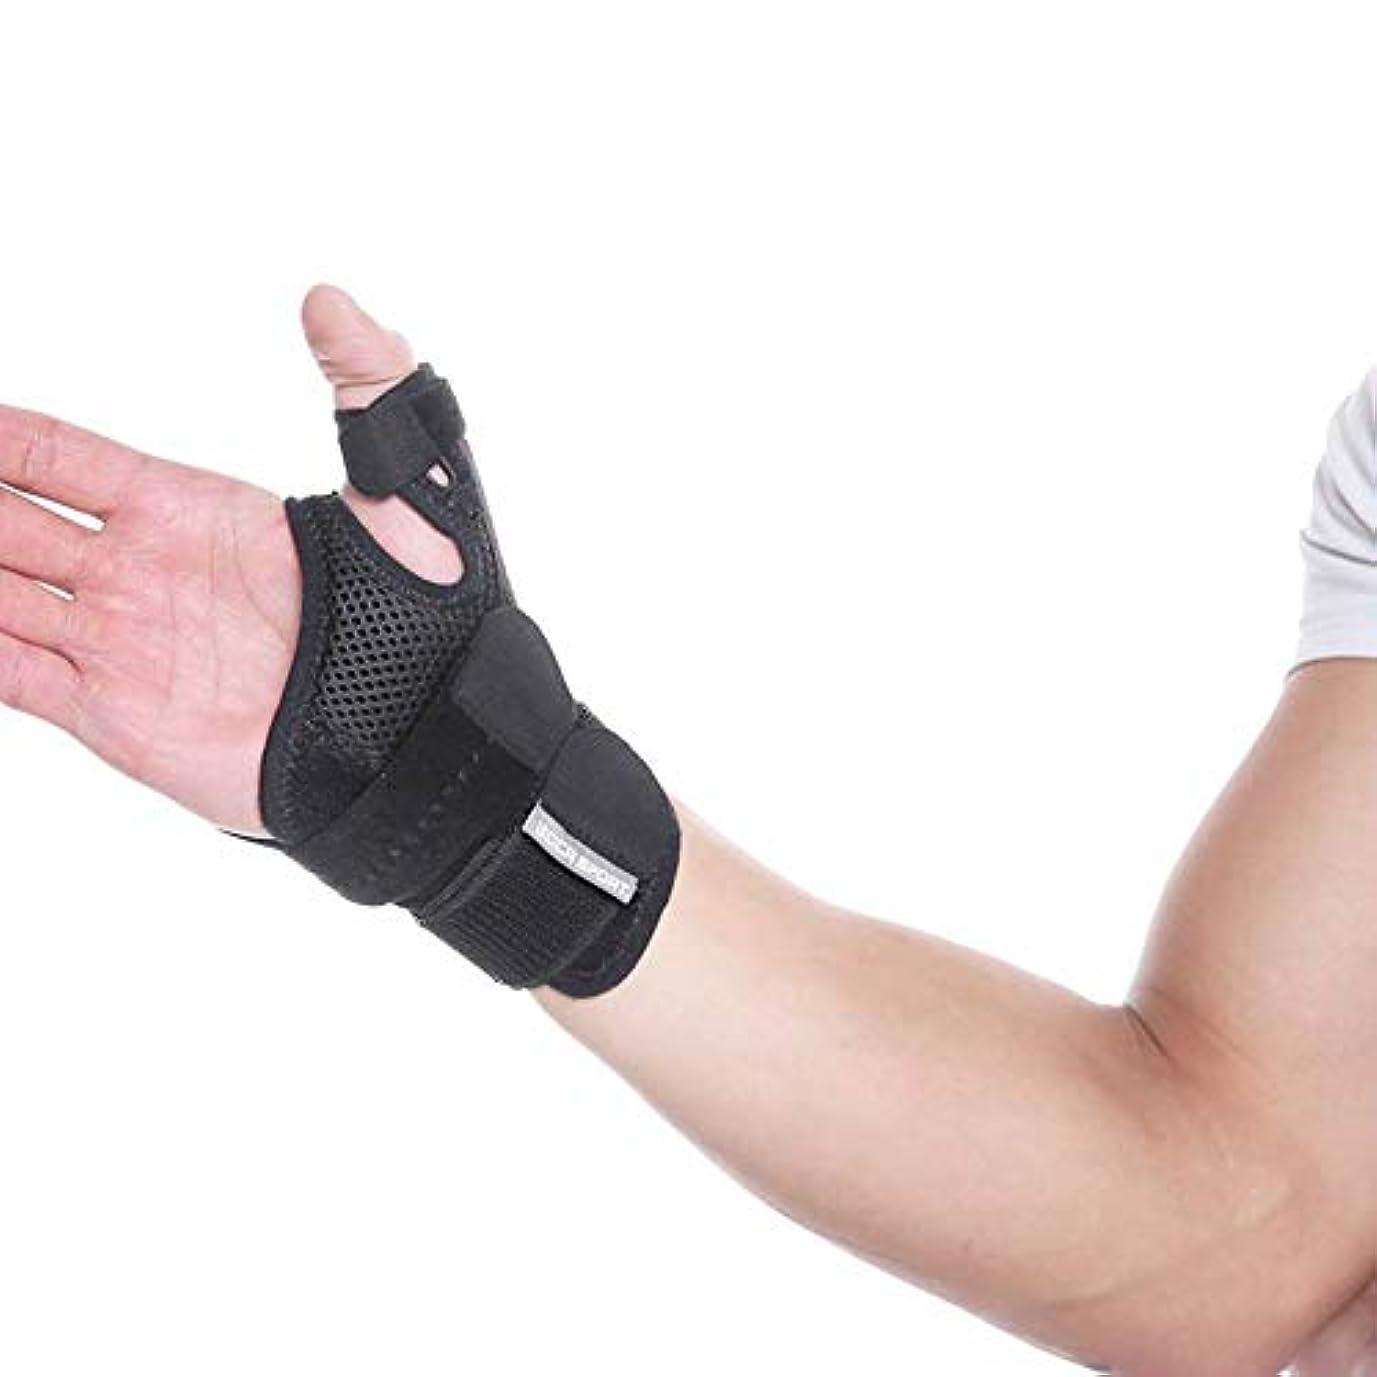 哲学者原因嬉しいです関節炎サムスプリント - 痛み、捻挫、株、関節炎、手根管&トリガー親指固定用親指スピカサポートブレース - リストストラップ